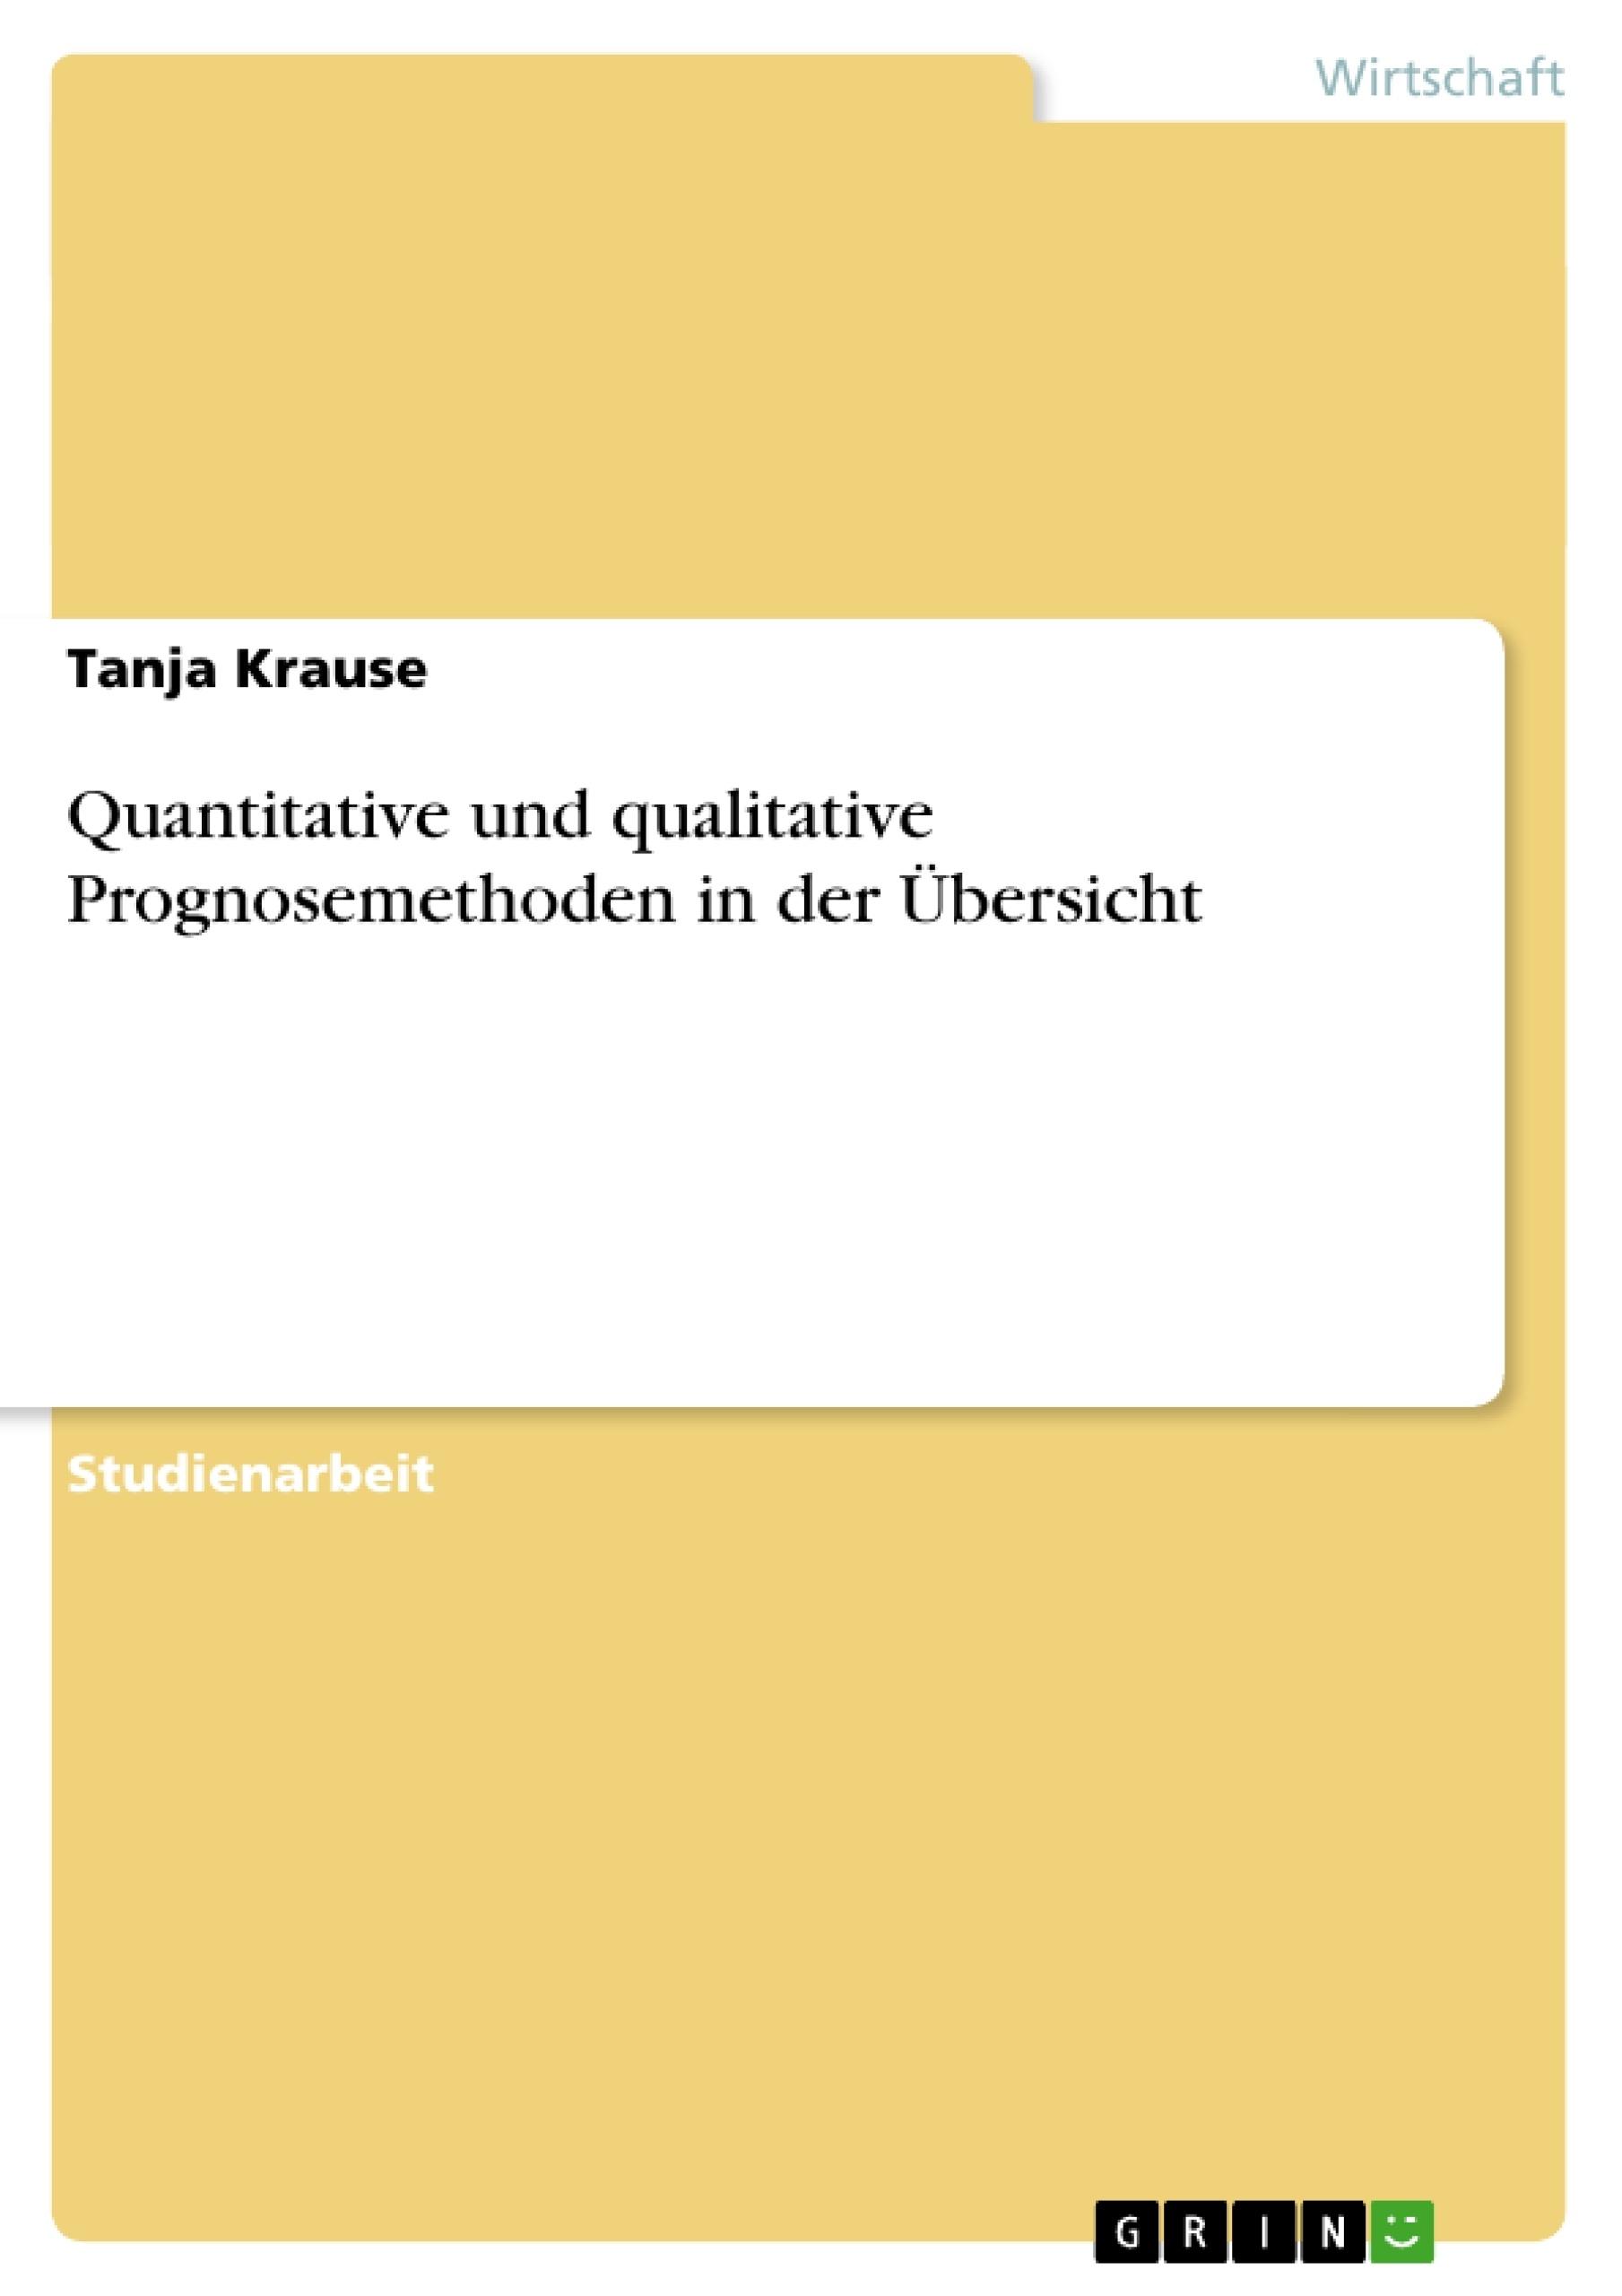 Titel: Quantitative und qualitative Prognosemethoden in der Übersicht